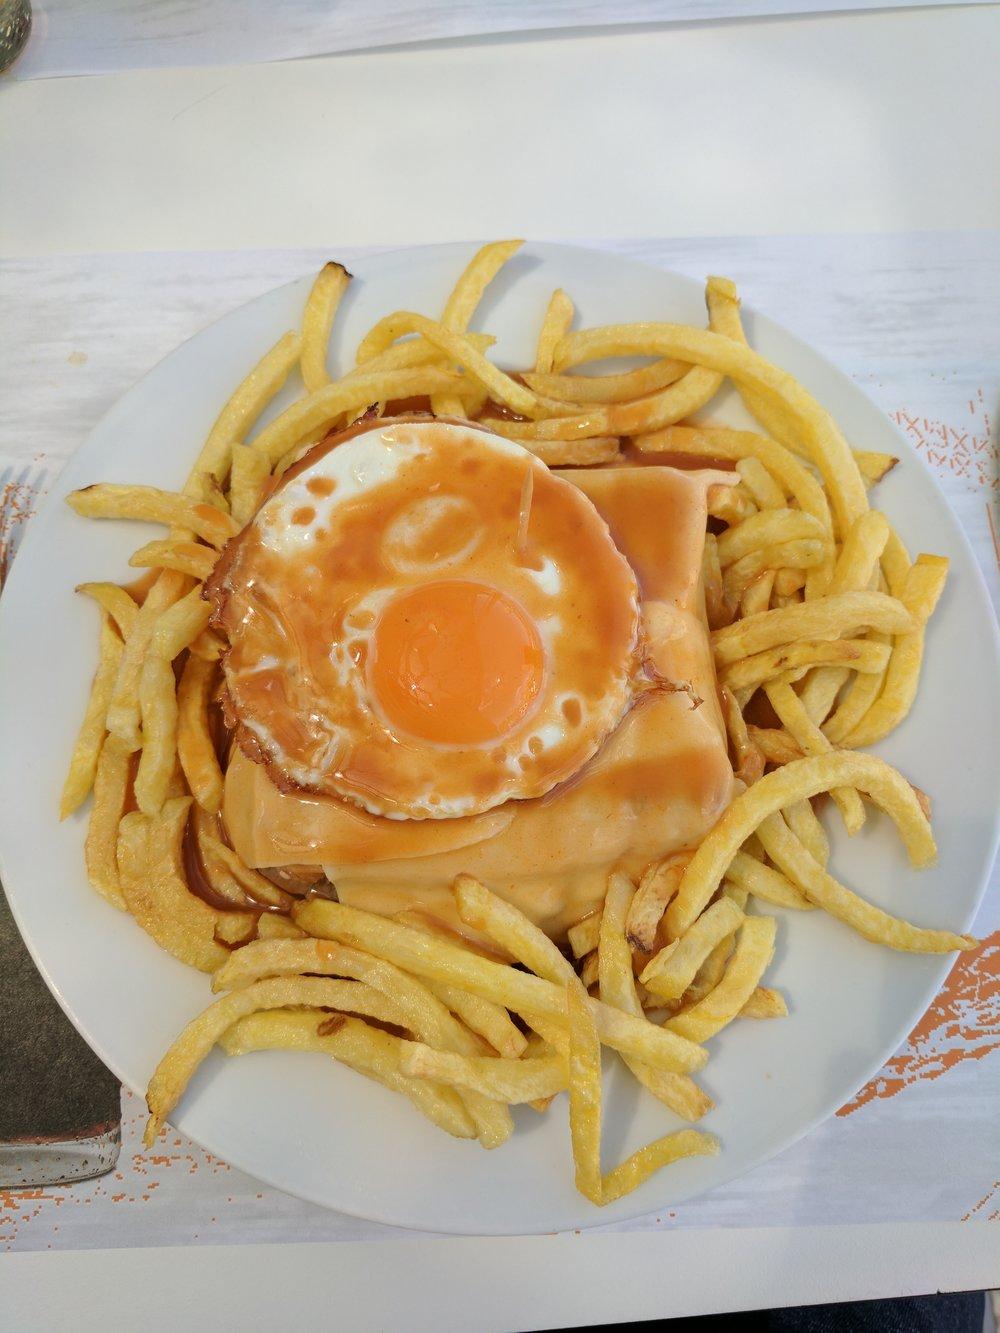 Adventures in Francesinha eating